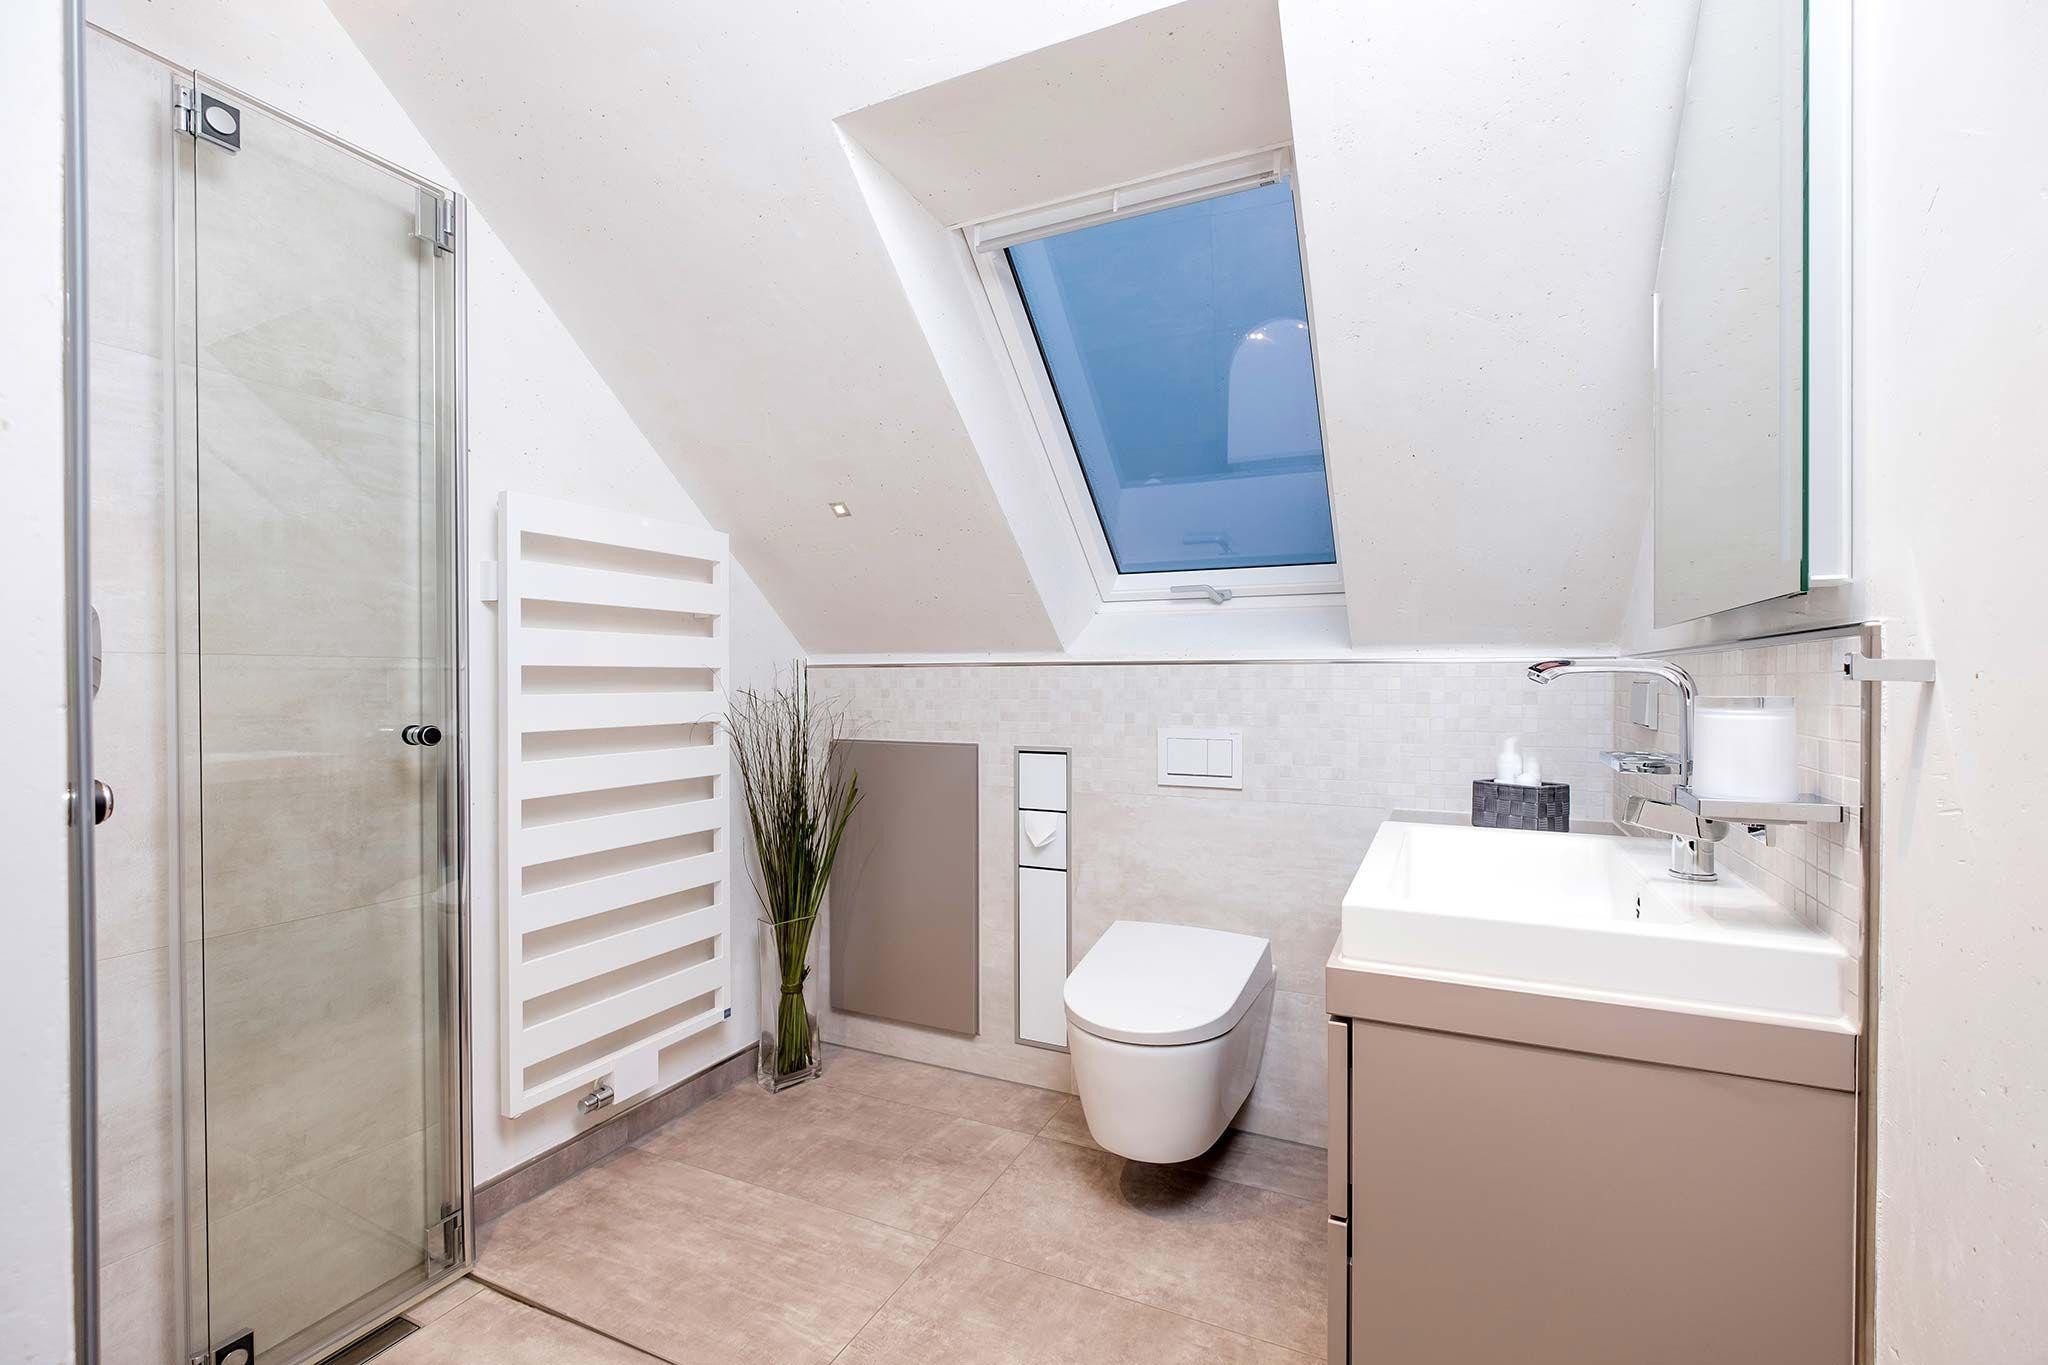 Badezimmer bad bad mit dachschr ge bad und badezimmer for Duschbad ideen